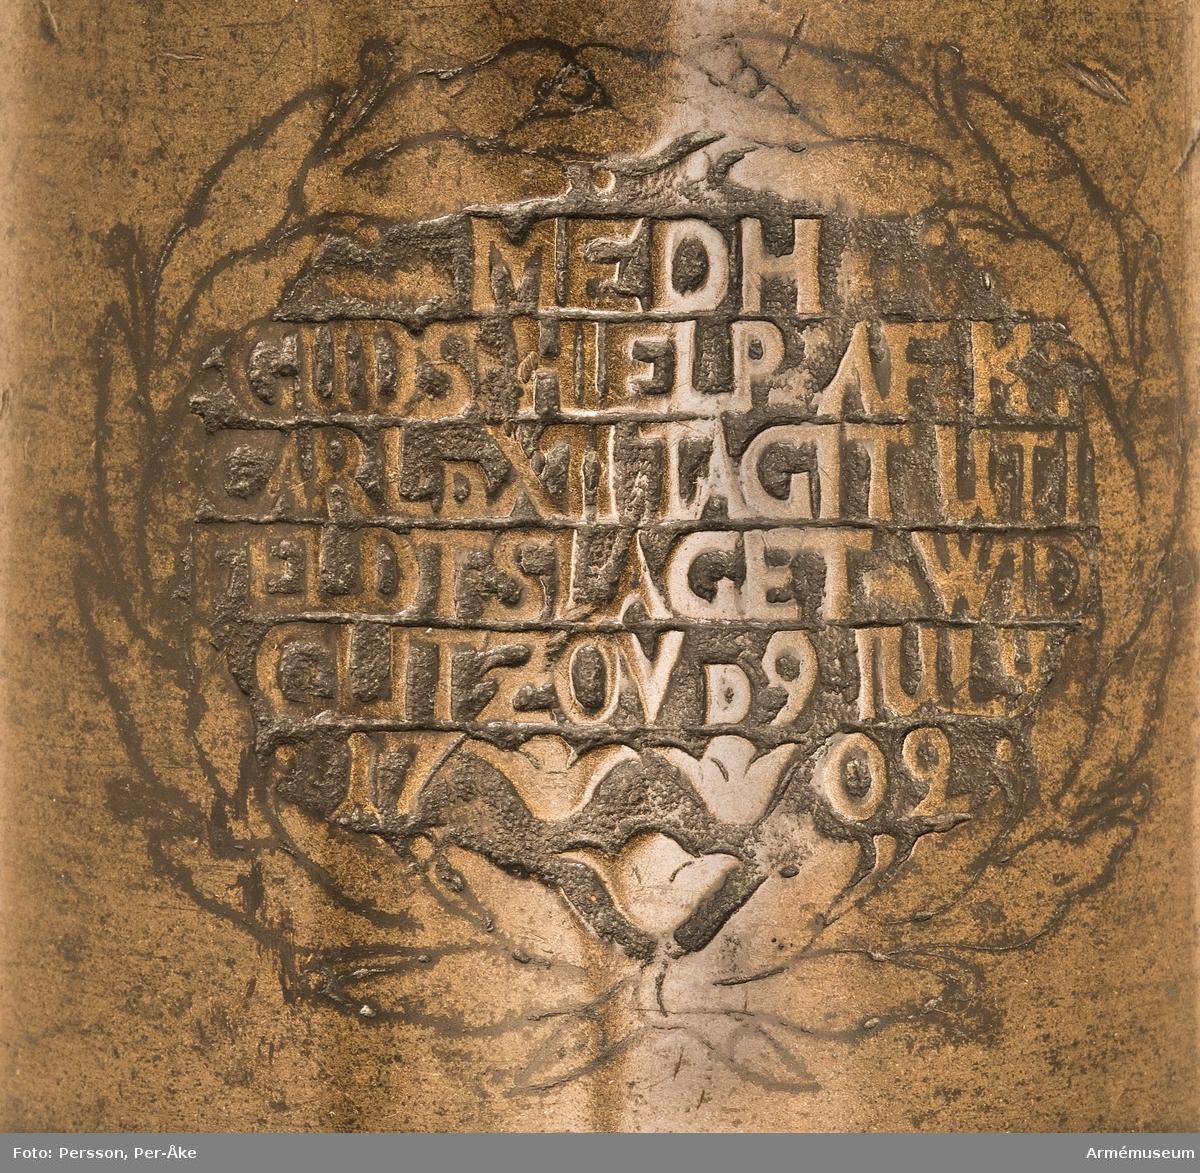 Grupp A:I. Enligt inskription erövrad från sachsarna i slaget vid Clissow 1702. Kanonen är ett enkelt eldrör. Druvan är svagt spets-kulformig och längst bak försedd med en rund knopp.  Bottenstycket: Omedelbart framför kammarsiraterna inskriptionen .G.M.ANDREAS.HEROLD.1696. Obs! de båda sista bokstäverna i Herold är delvis utnötta. (Goss mich Andreas Herold 1696 = Andreas Herold göt mig 1696).   Fängpannan: fyrkantig med uppstående kanter, strax framför nyssnämnda inskription; fänghålet vidgar sig upptill och övergår direkt i den djupa fängpannan. Fängpannan med fästen för fängpannelock (själva locket saknas) är placerade på ett rektangulärt, något upphöjt band. Bandets längd = 13 cm; dess bredd = 4 cm. Strax framför fänghålet: en vapensköld (relief; enl. Spak: hertigens av Sachsen hjärtvapen). På ömse sidor om vapenskölden finns ett ganska djupt märke. Dessa är sannolikt märken (frätmärken?) efter fästkrampor el.dyl. och ej några stämplar.   Mellan vapenskölden och bakfrisen: 2 st. språkband (låg relief) med inskriptionen (plattrelief): F.A.H.Z.S.I.C.B / E.U.W.CHURF (Enl Spak: Friedrich August, Herzog zu Sachsen, Julich, Cleve, Berg, Engern und Westfahlen, Churfürst.).   Tappstycket: Omedelbart framför bakfrisen inskriptionen (ingraverat): 02 eller 22  Obs! den första siffran - om det över huvud taget är någon siffra - är i det närmaste utplånad, varför tydningen ej är säker. På den vänstra tappens fria ända finns inskriptionen  (ingraverat): 378  (dessa siffror torde ej vara ursprungliga). Långa fältet: Strax framför frambandet: en bladkartusch (ingraverat) och inuti denna följande inskription (bokstäverna är utsparade på den sänkta botten): MEDH / GUDS HIELP AF K. / CARL D XII TAGIT UTI / FELDTSLAGET WID / CLITZOV ) IULY / 17 02 Trumfen: trumpetförstärkt.   Eldrörslängd 107,5 cm. Bottenstycket:  max diam 19,5 cm,  min diam 19 cm. Kammarsirat: bredd 5 cm.Tappstycket: max diam 18,5 cm, min diam 18-18,5 cm. B.frisläge 28,5 cm., B.frisbredd 3,5 cm. Delfin läge 34,5 c